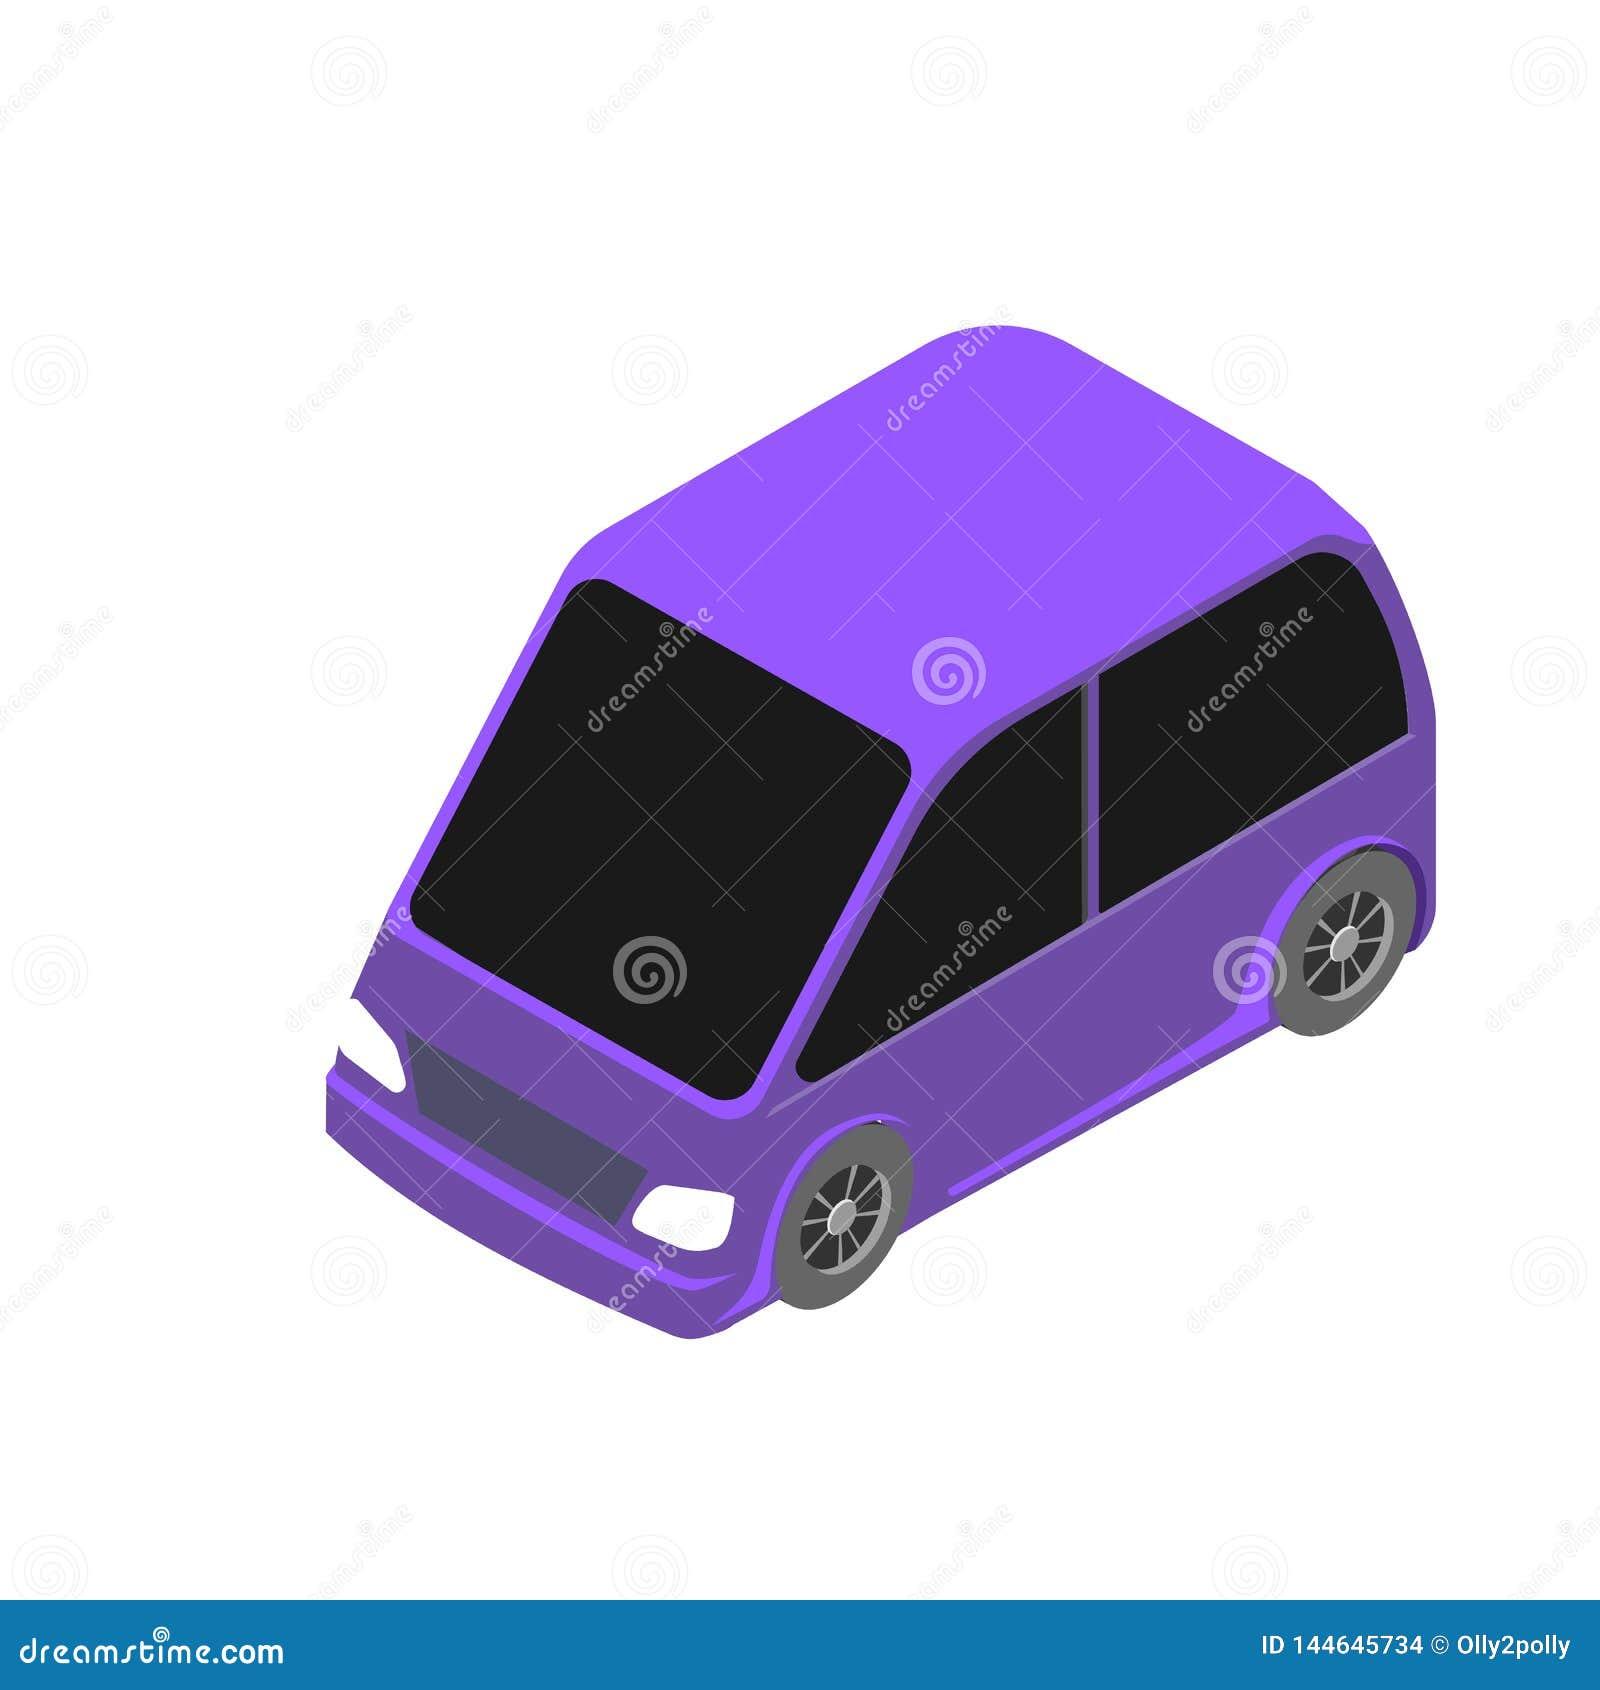 Isometric samochodowa ikona 3d wektorowa ilustracja odizolowywająca na białym tle